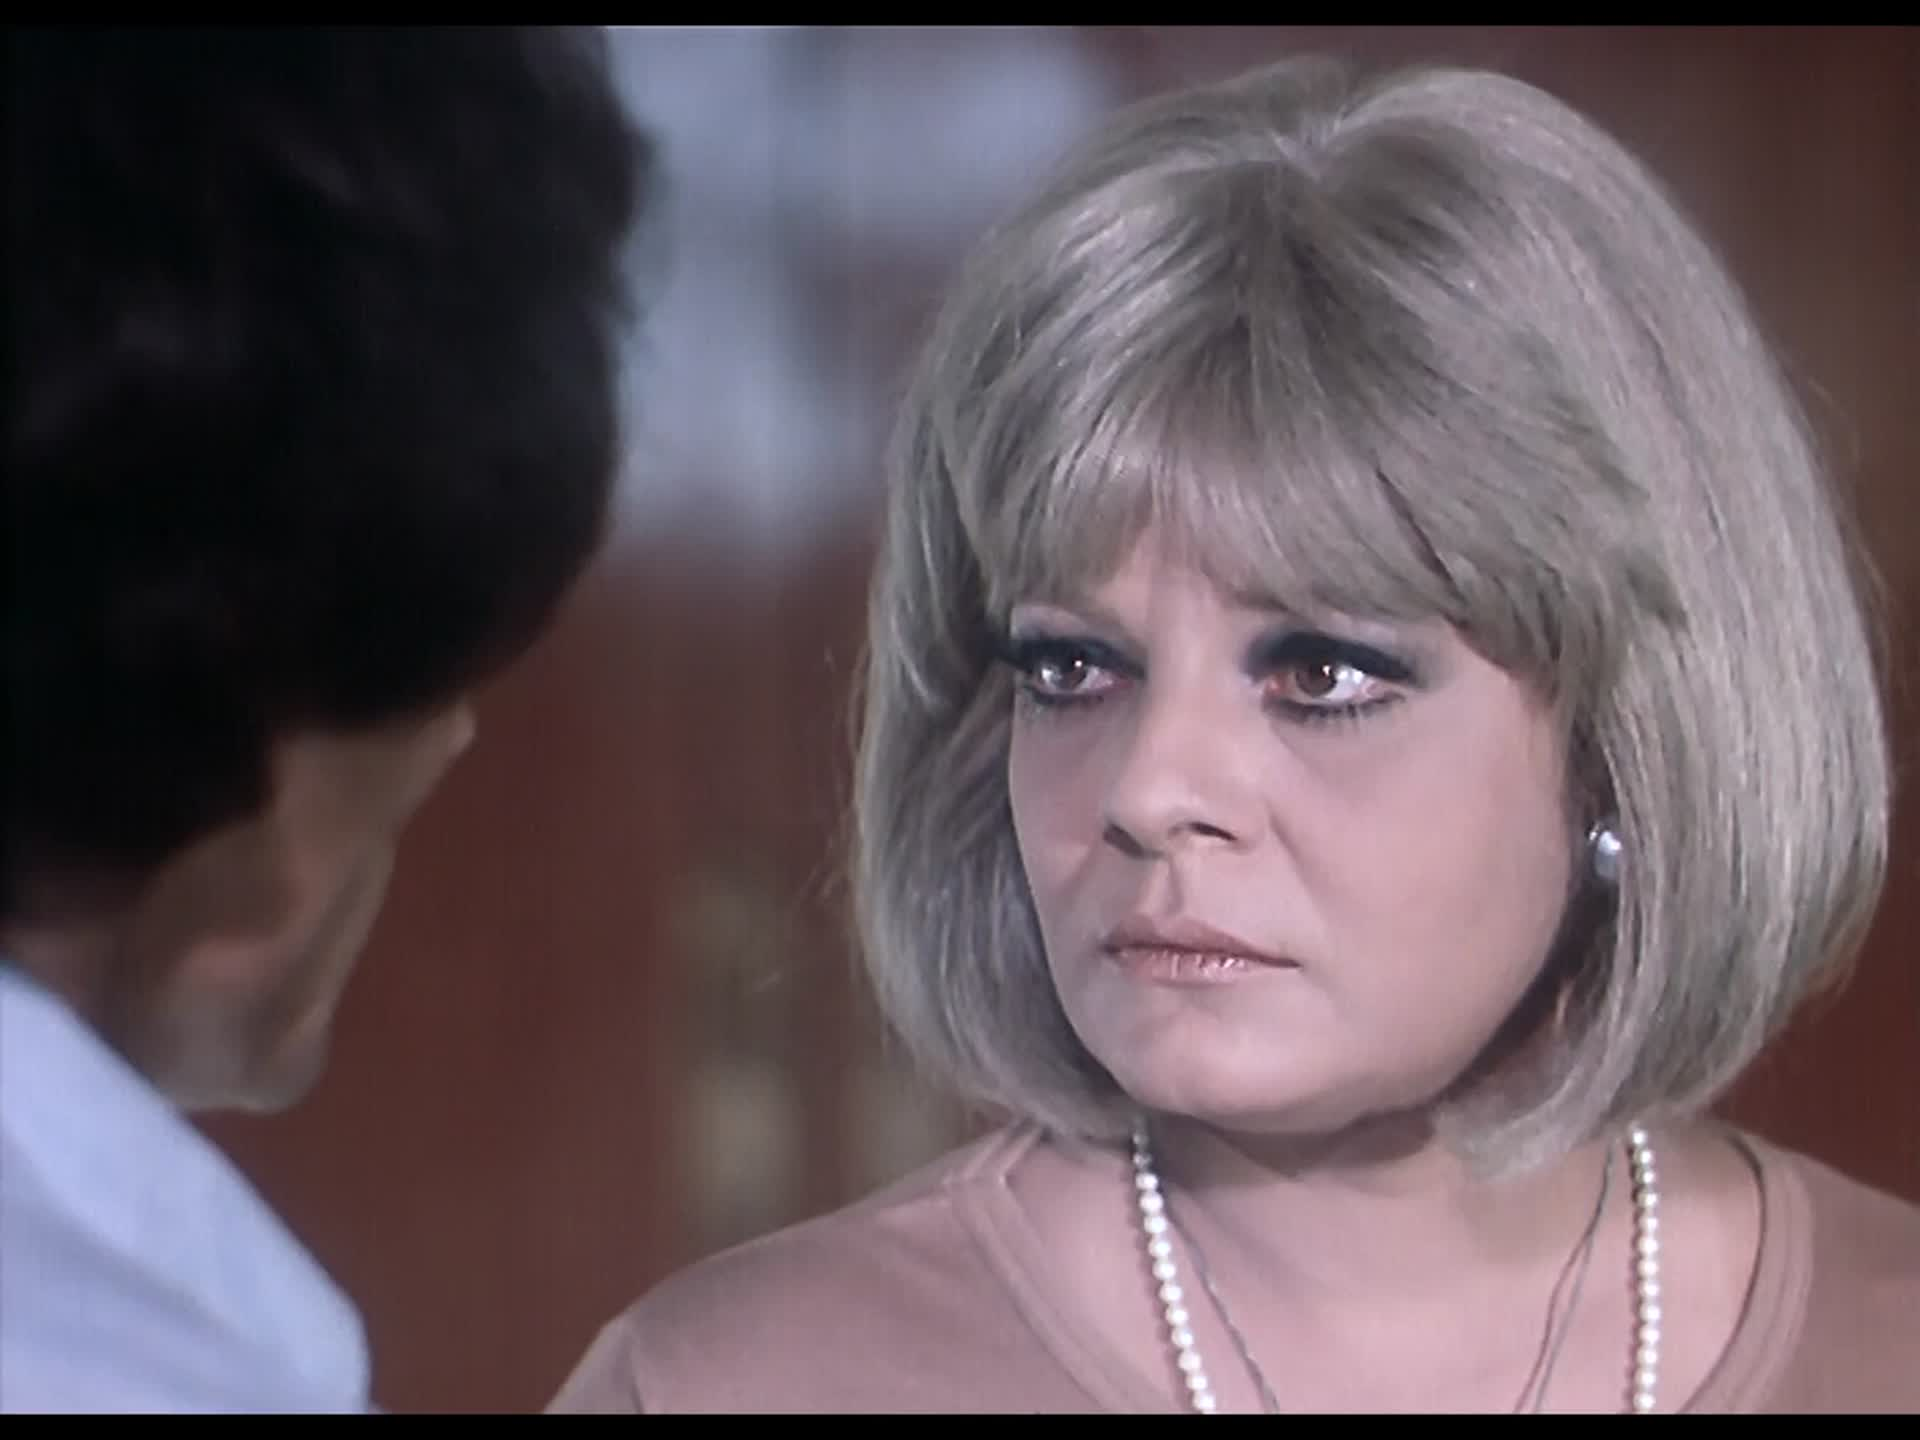 [فيلم][تورنت][تحميل][وراء الشمس][1978][1080p][Web-DL] 6 arabp2p.com